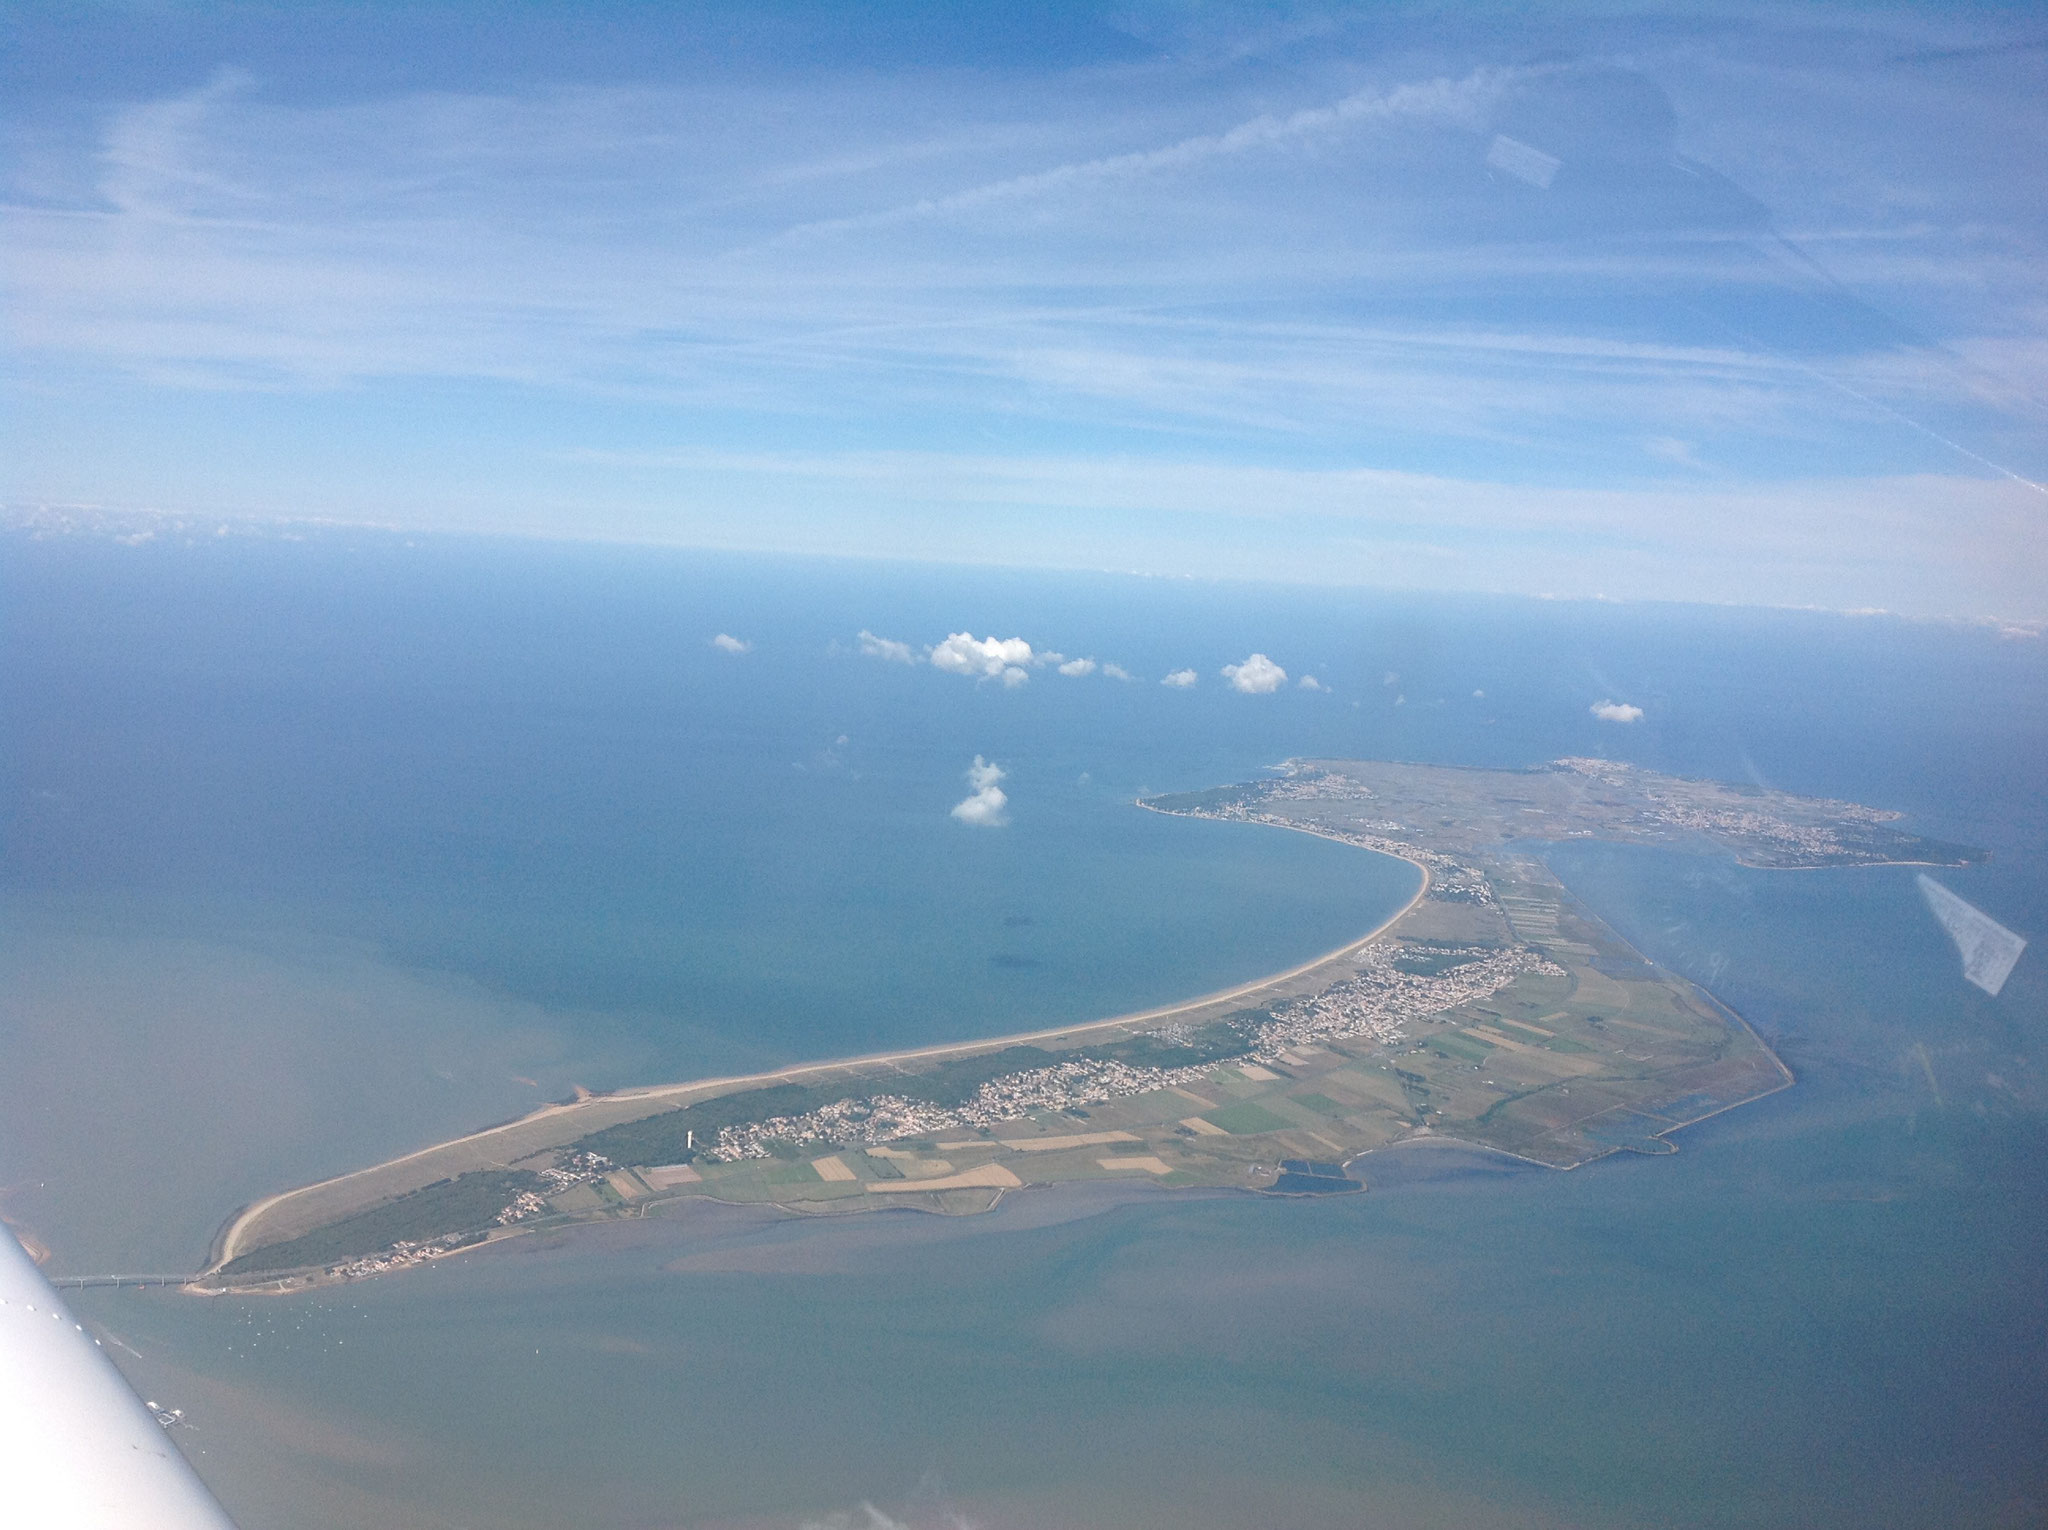 L'île de Noirmoutier